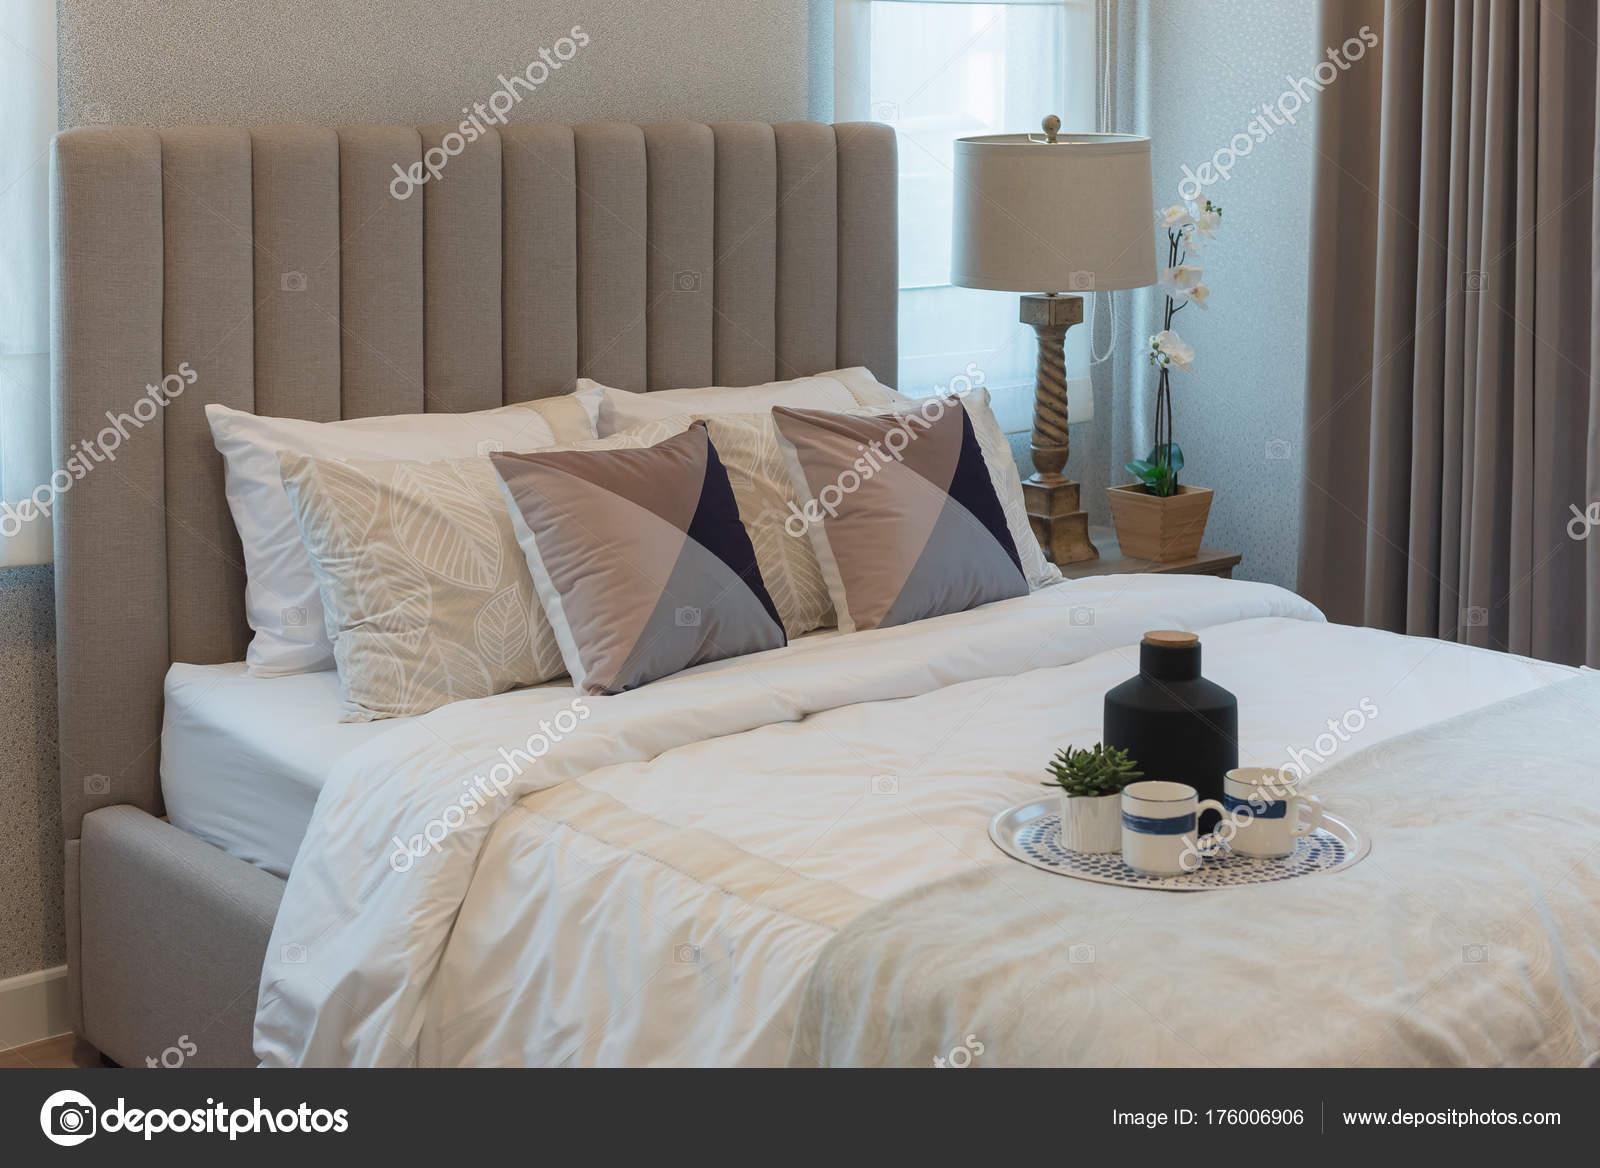 stile camera da letto classica con set di cuscino — Foto Stock ...